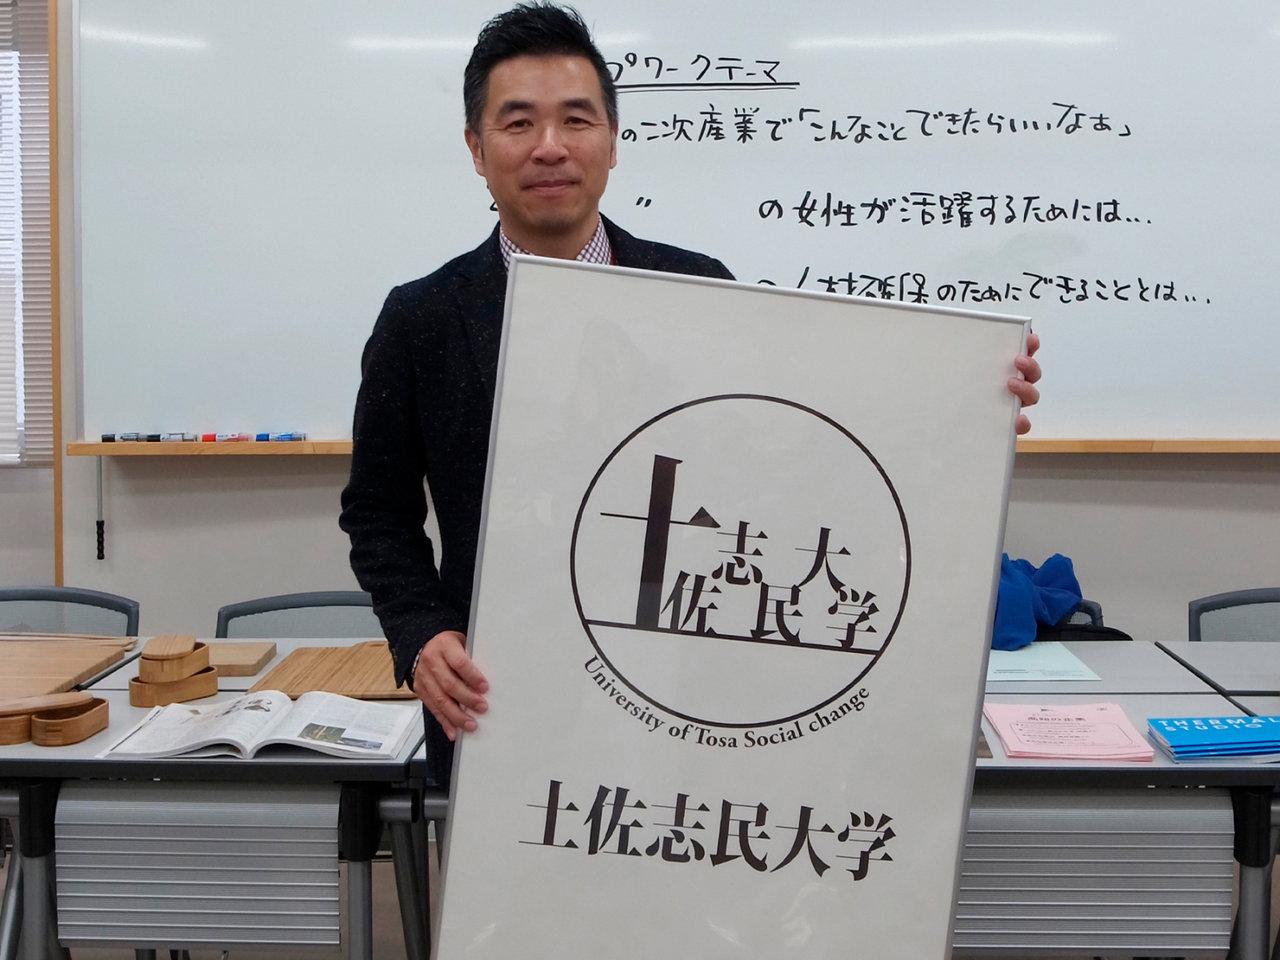 土佐志民大学(高知県高知市)